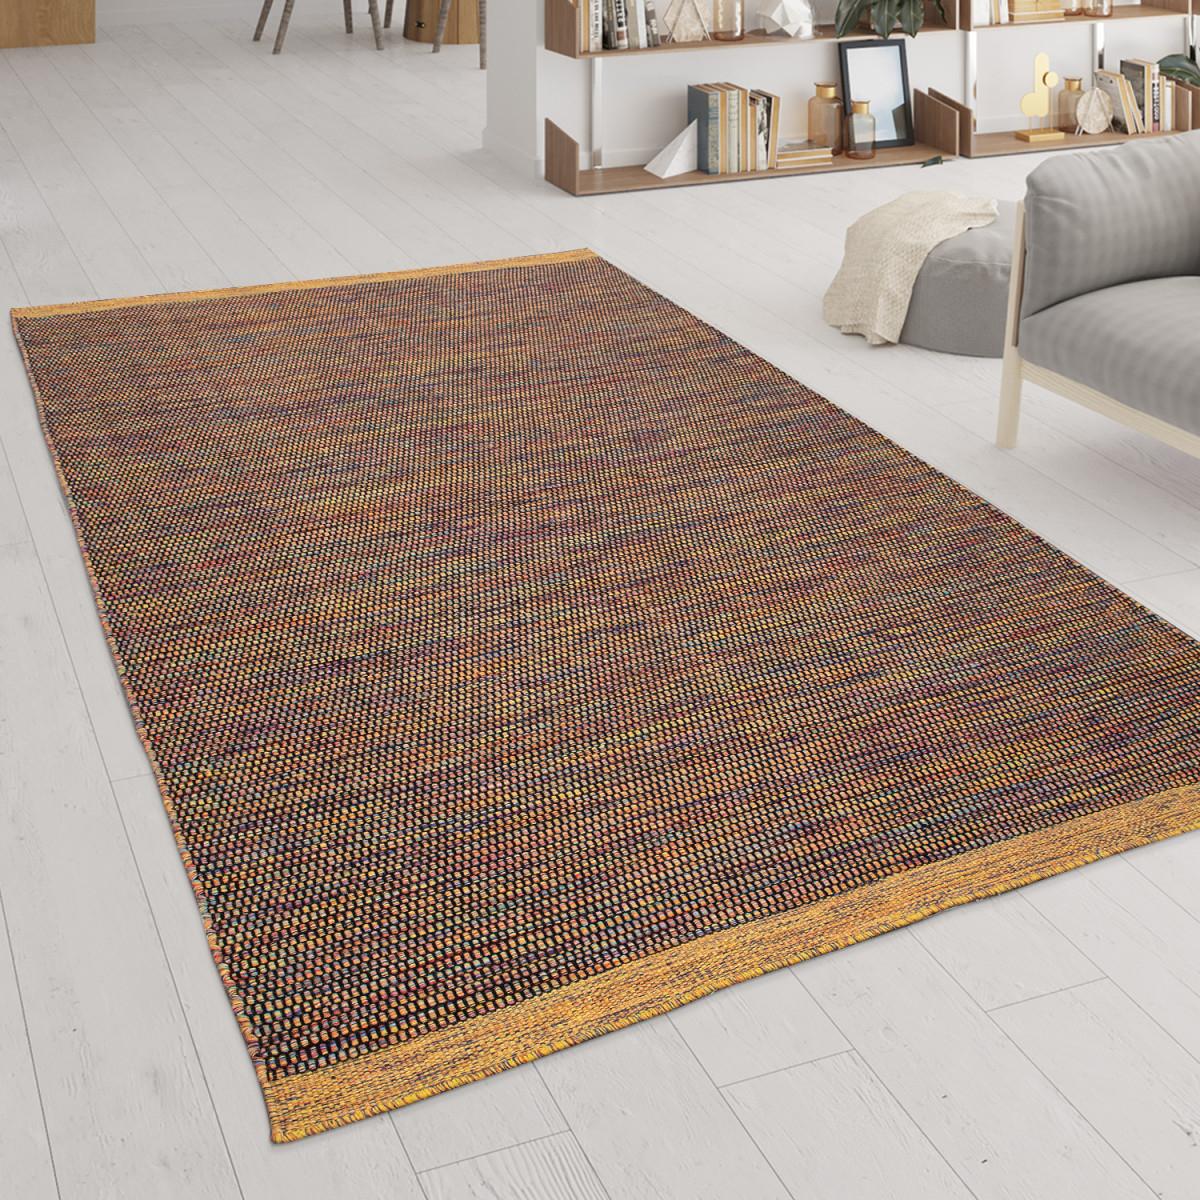 Wohnzimmerteppich Aus Wolle Und Baumwolle Handgewebtes Flachgewebe In  Bunt von Teppich Wohnzimmer Wolle Photo